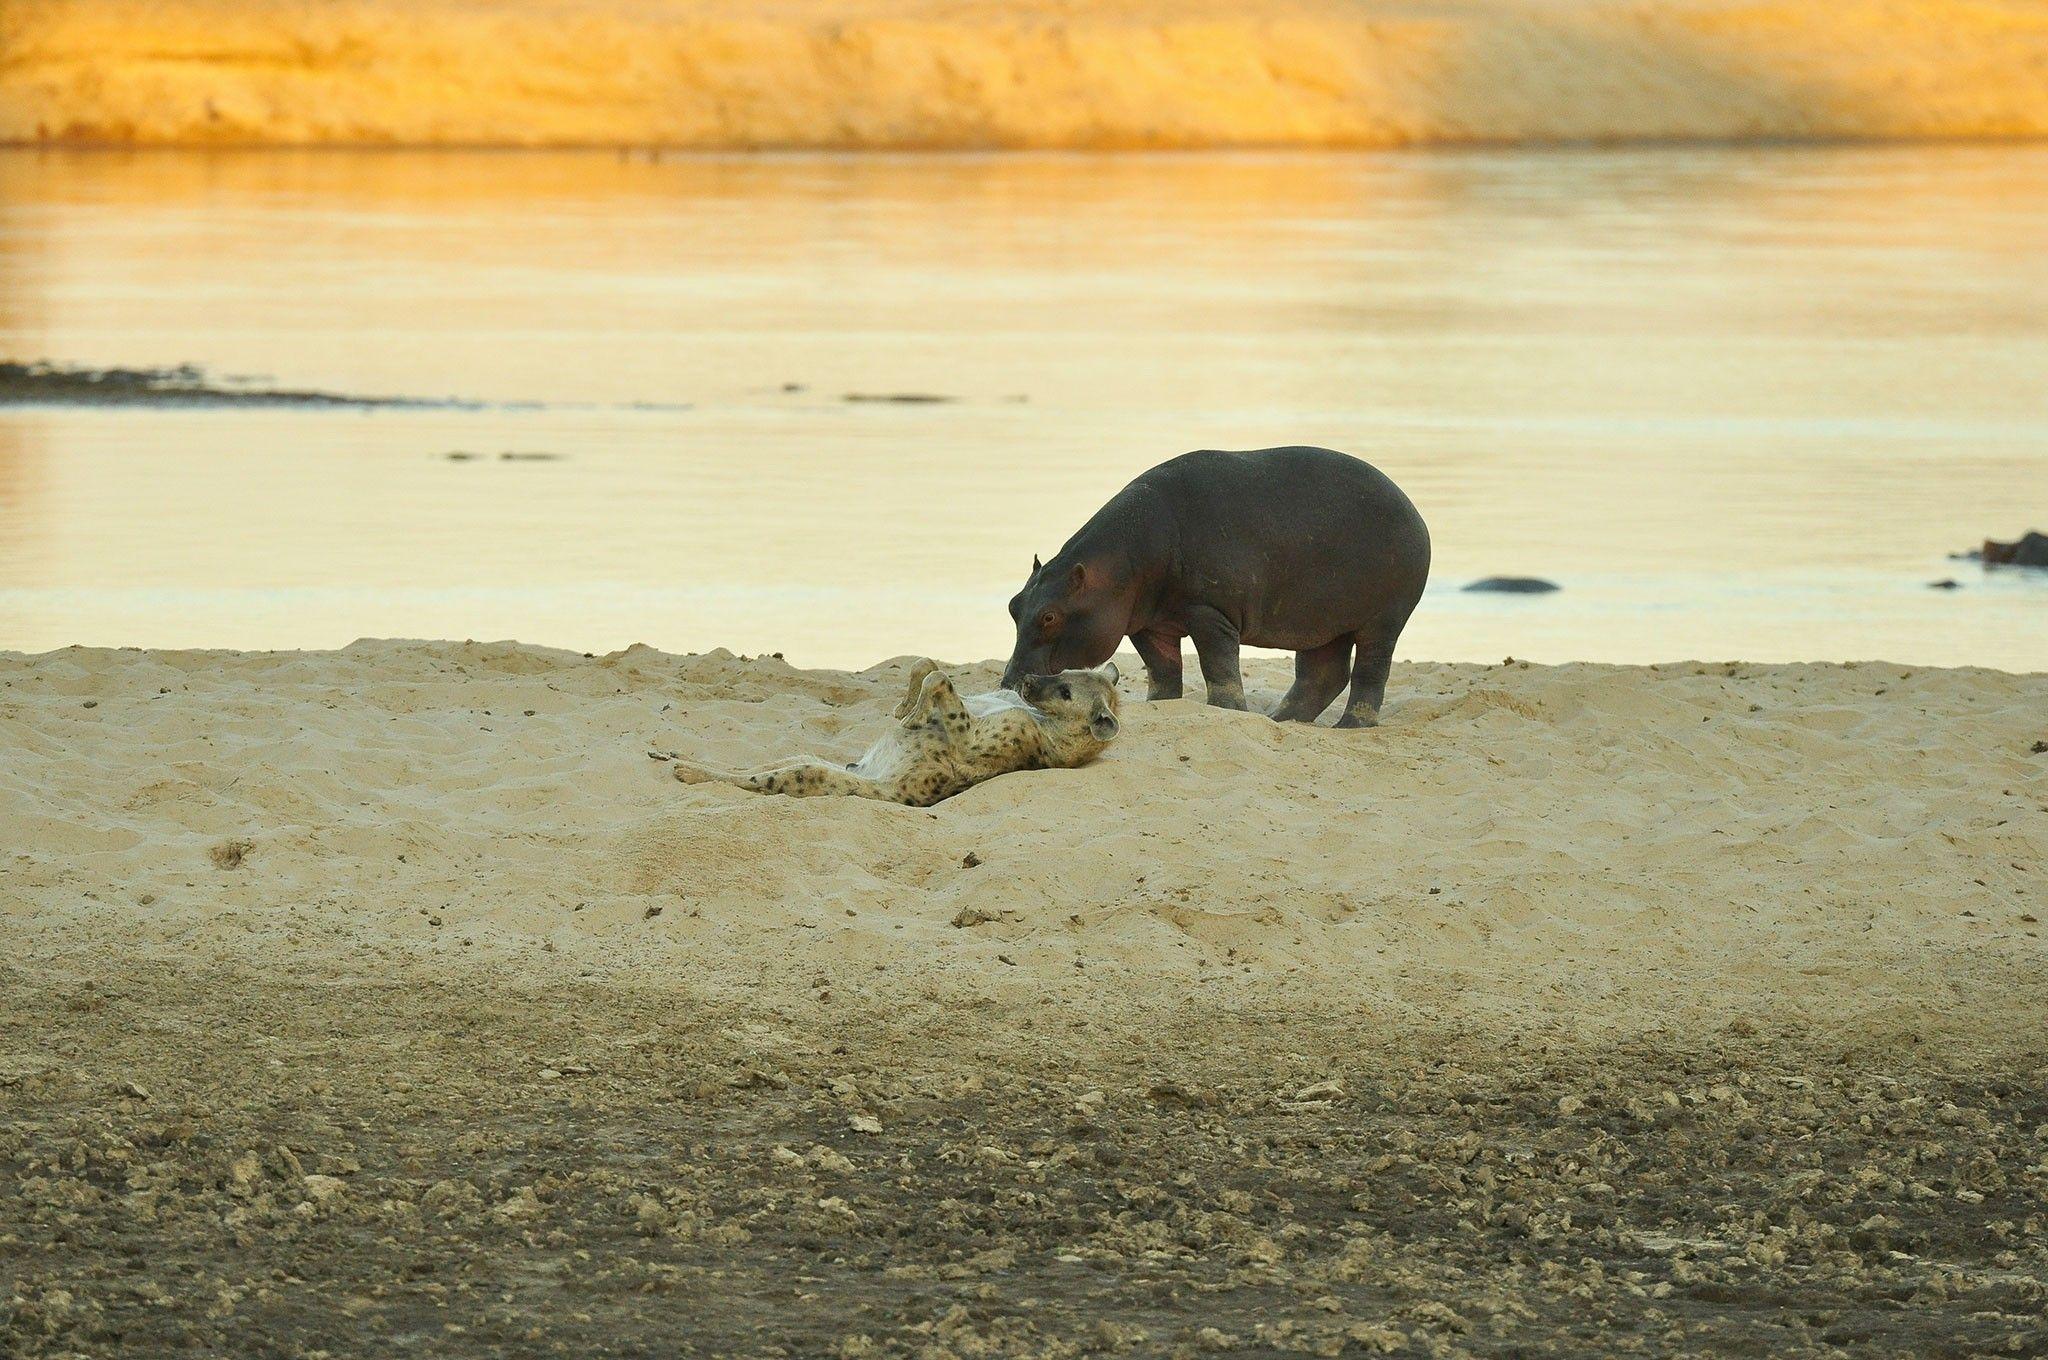 Une hyène et un hippopotame partagent un rare moment d'intimité   National Geographic